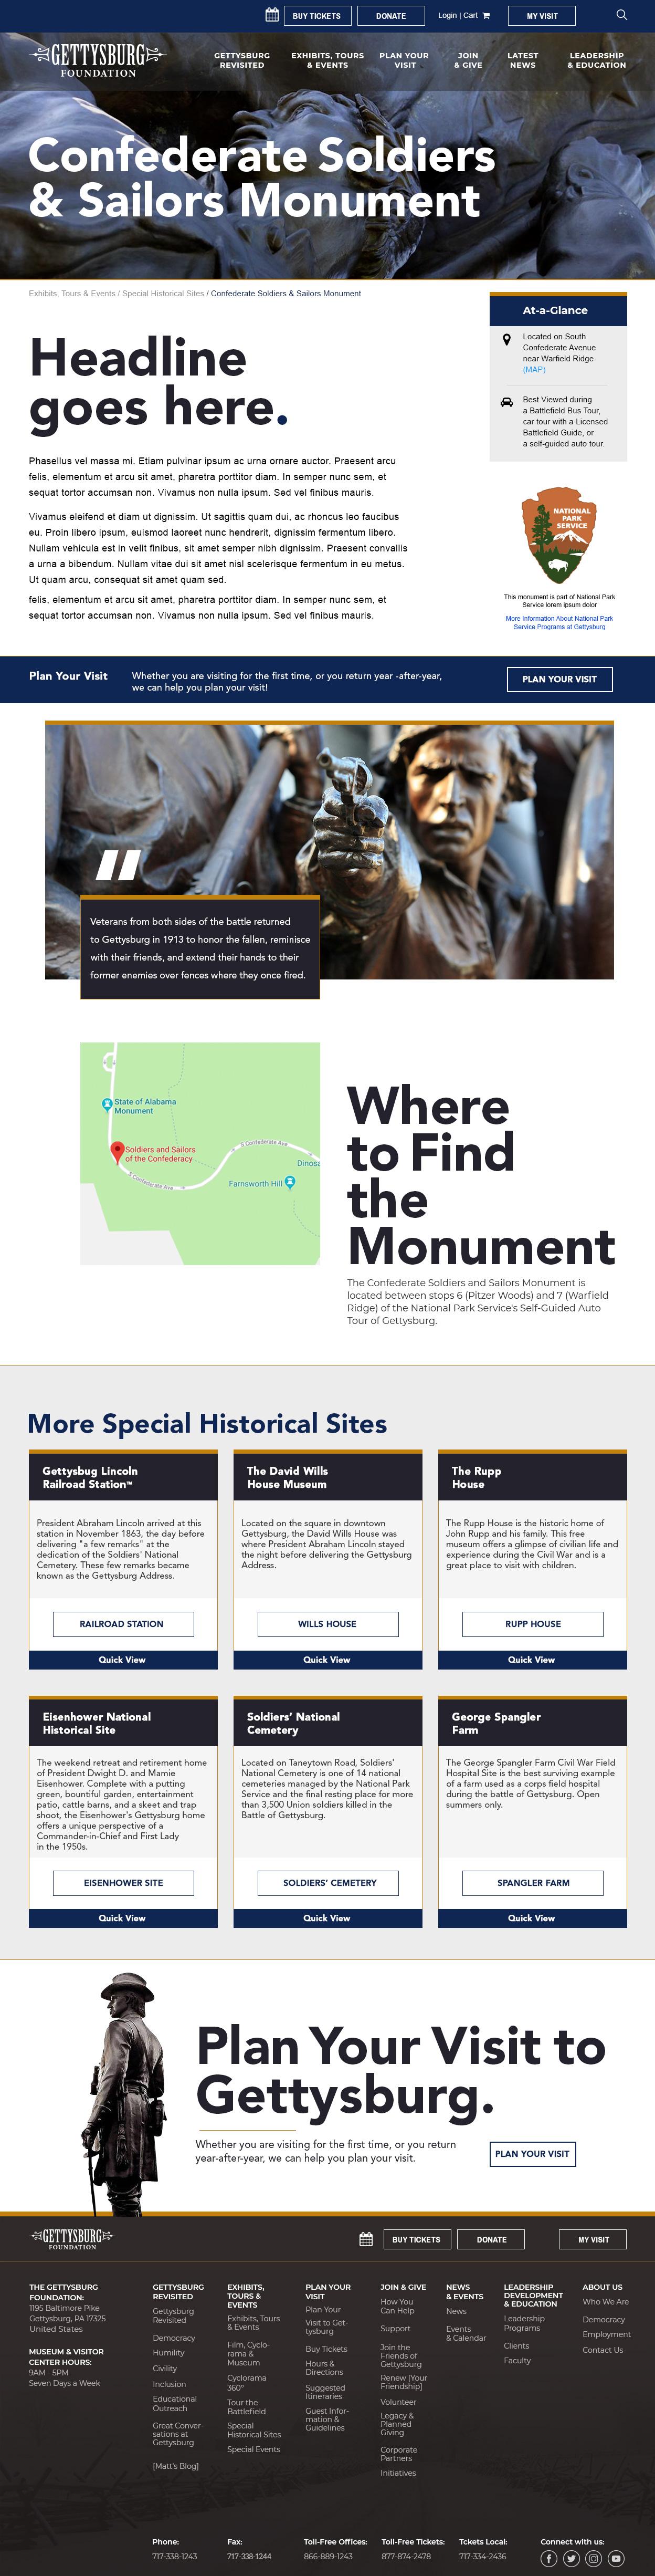 Gettysburg_Event_V4.jpg